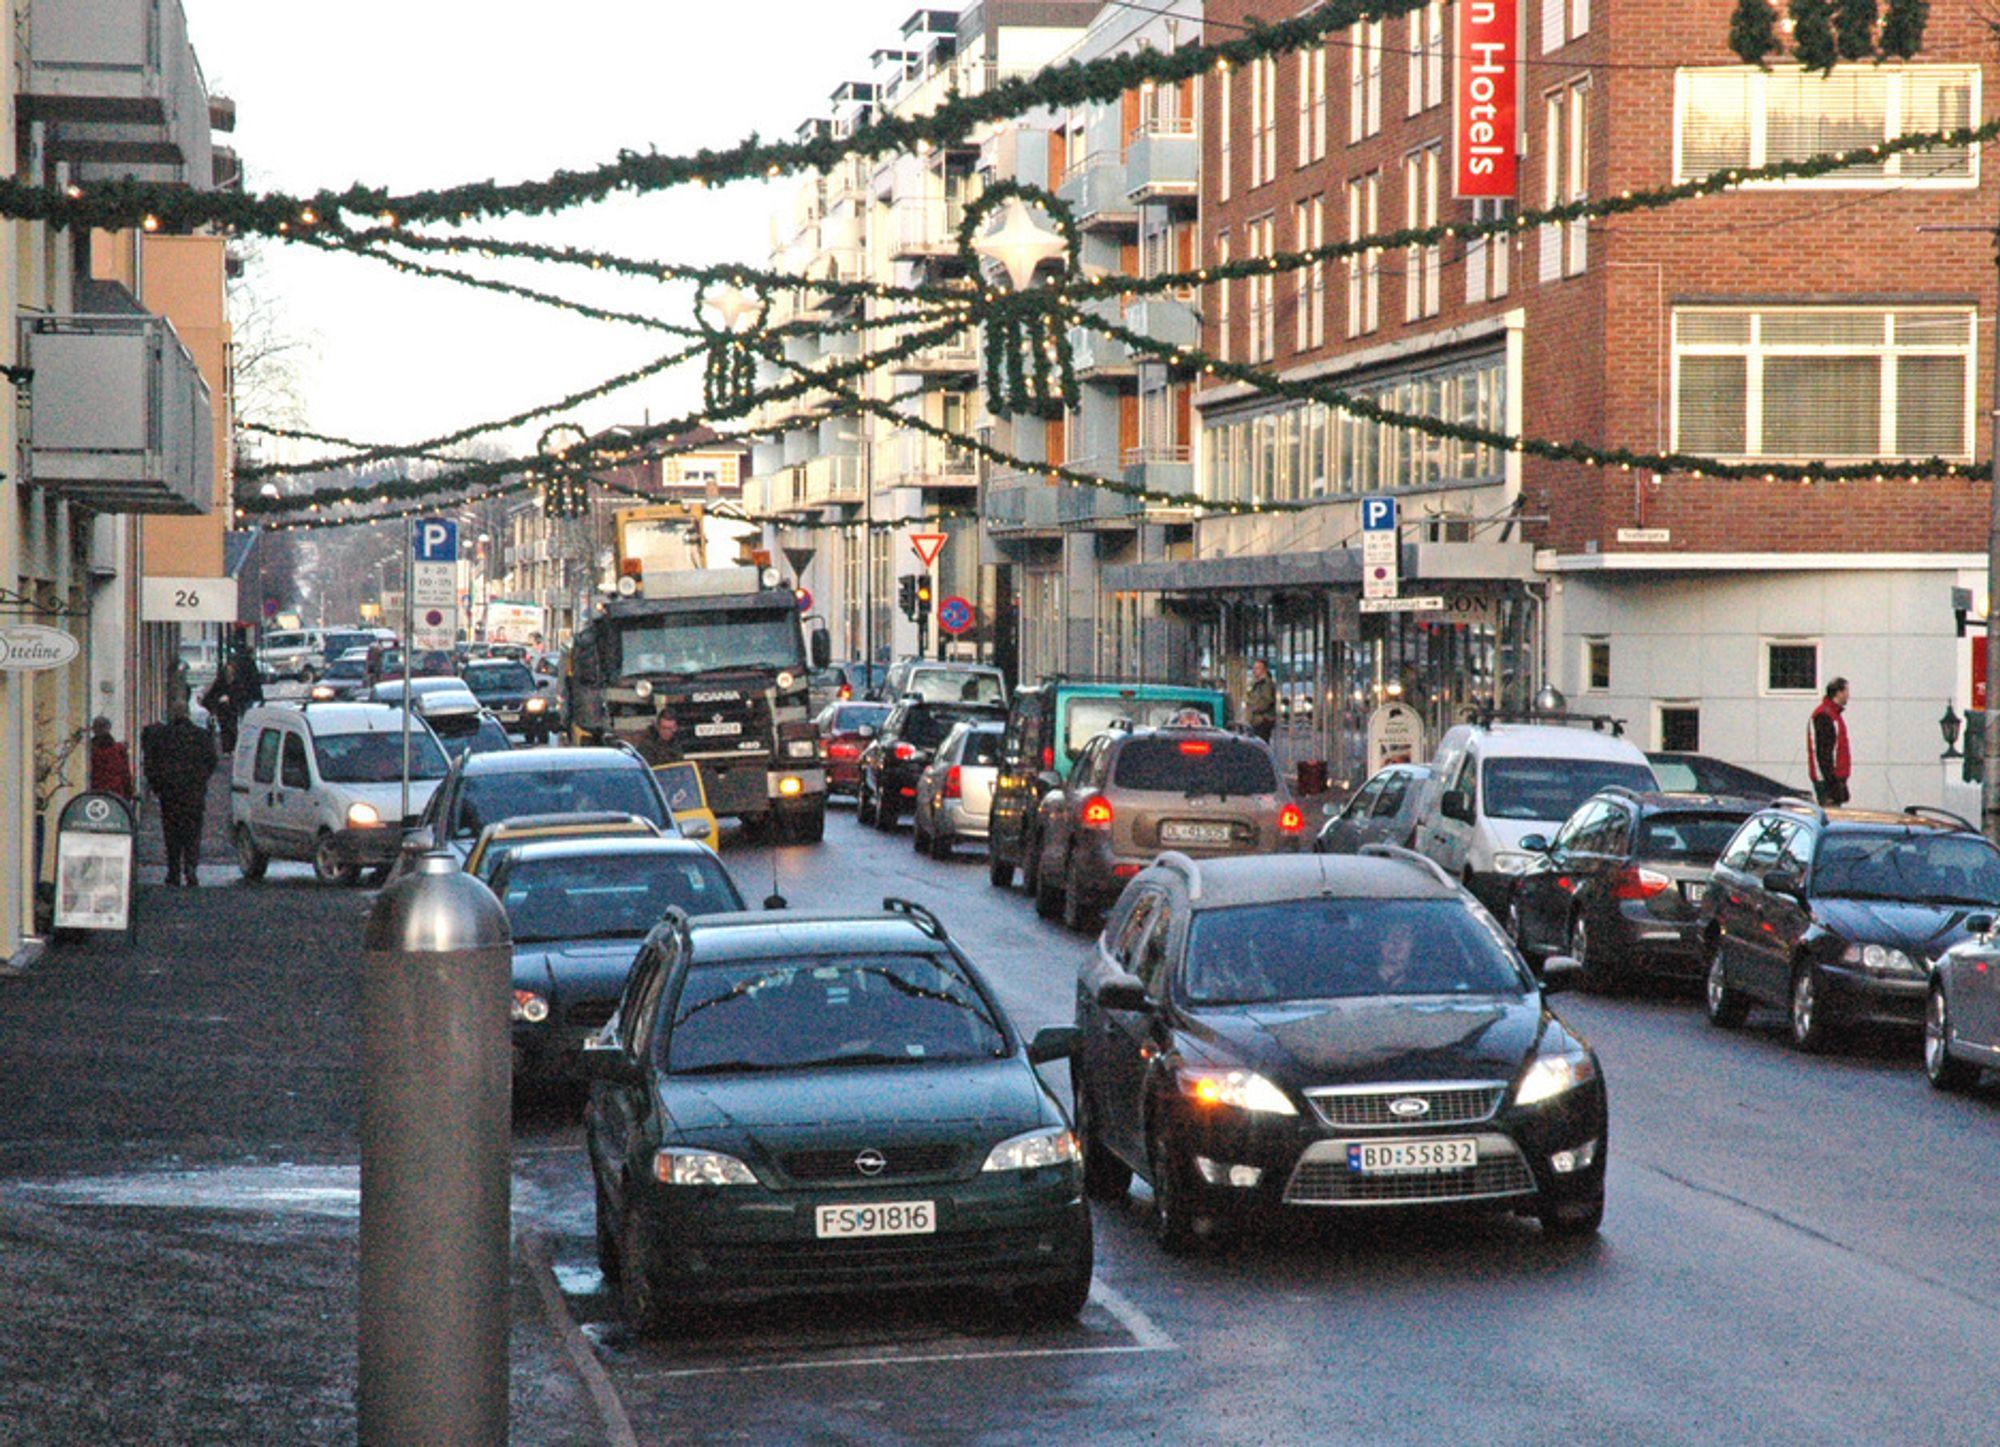 Storgata i Lillestrøm egner seg dårlig som handlegate. Fortauene er ikke spesielt brede, den har tett trafikk og enda tettere rekker med parkerte biler på begge sider. Forholdene blir mye bedre når denne delen av Storgata er bygd om til gågate.